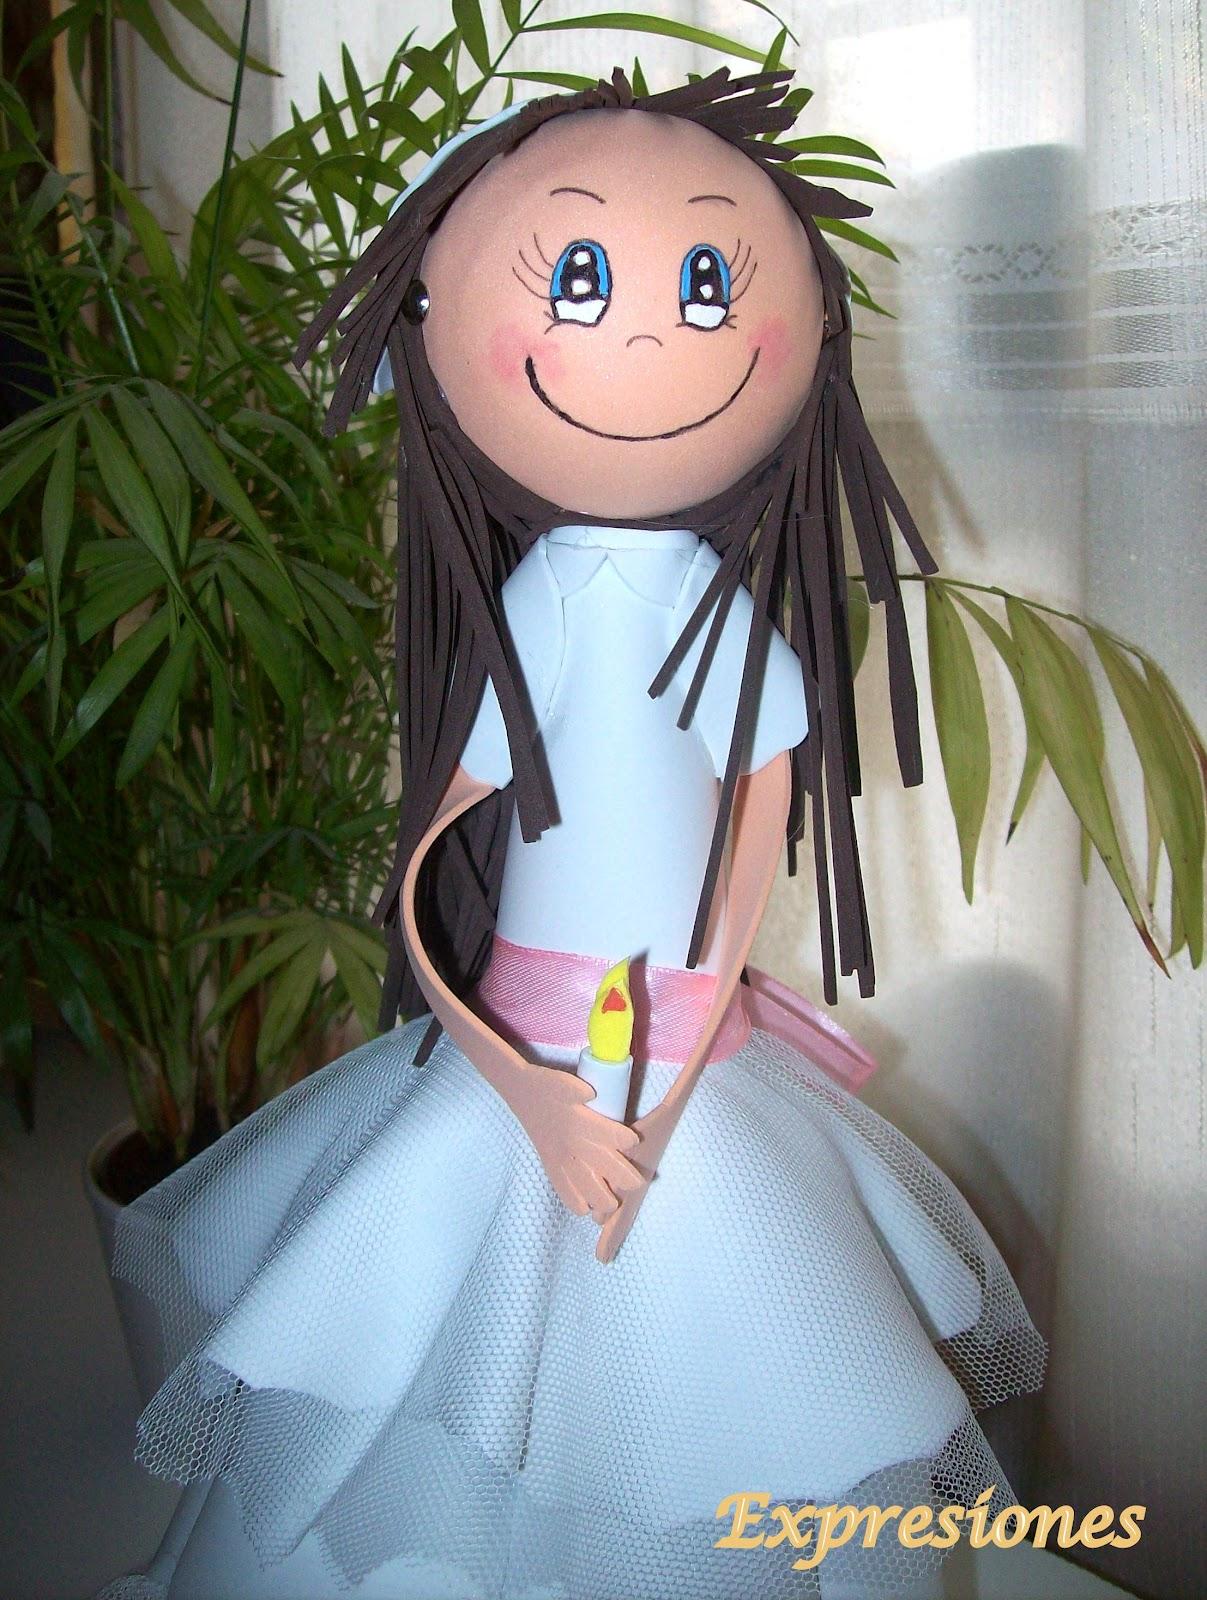 de las dificultades que tiene hacer estas muñecas es pintar las caras